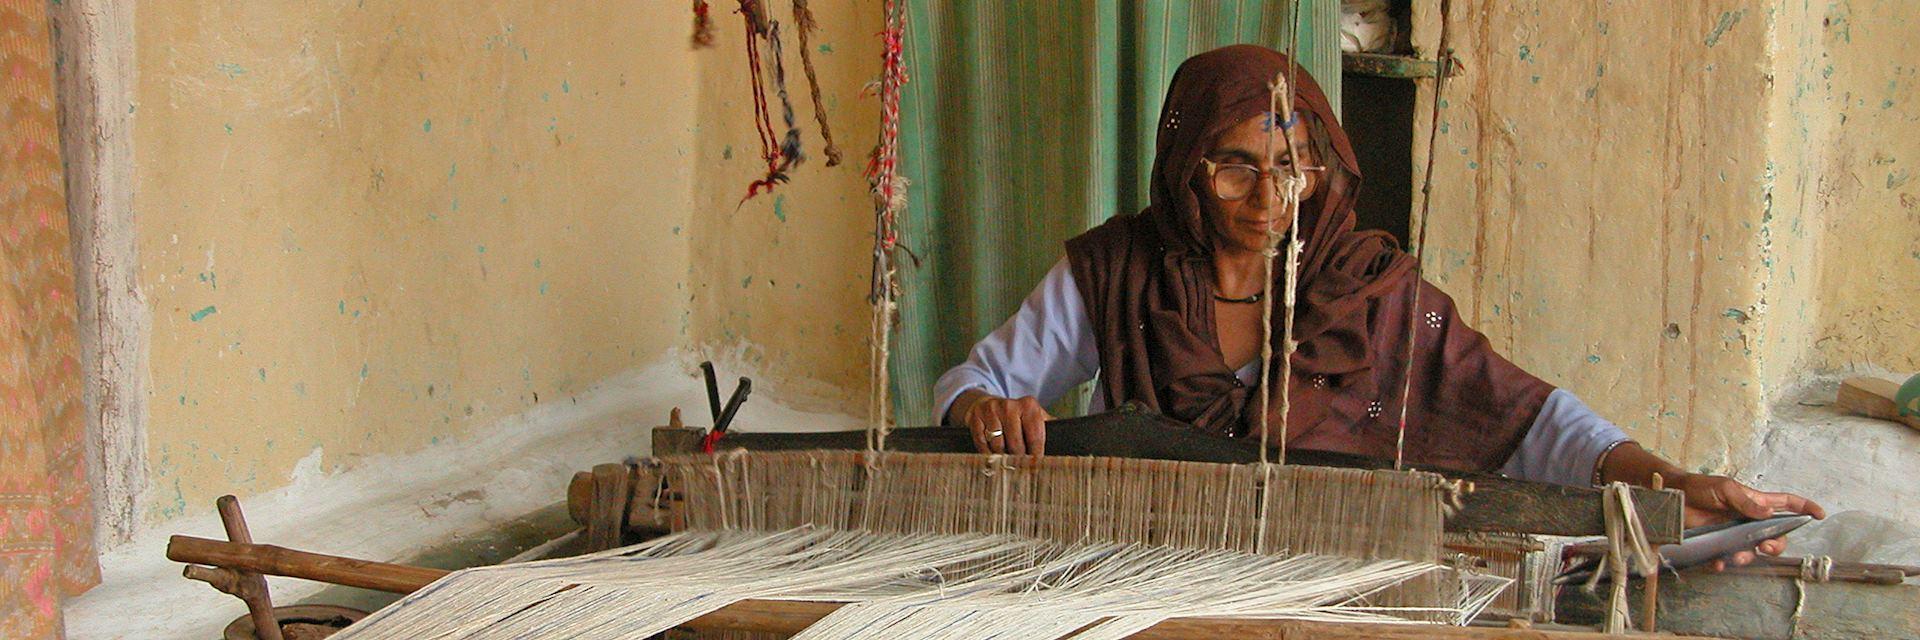 Durries being woven at Garli, Pragpur